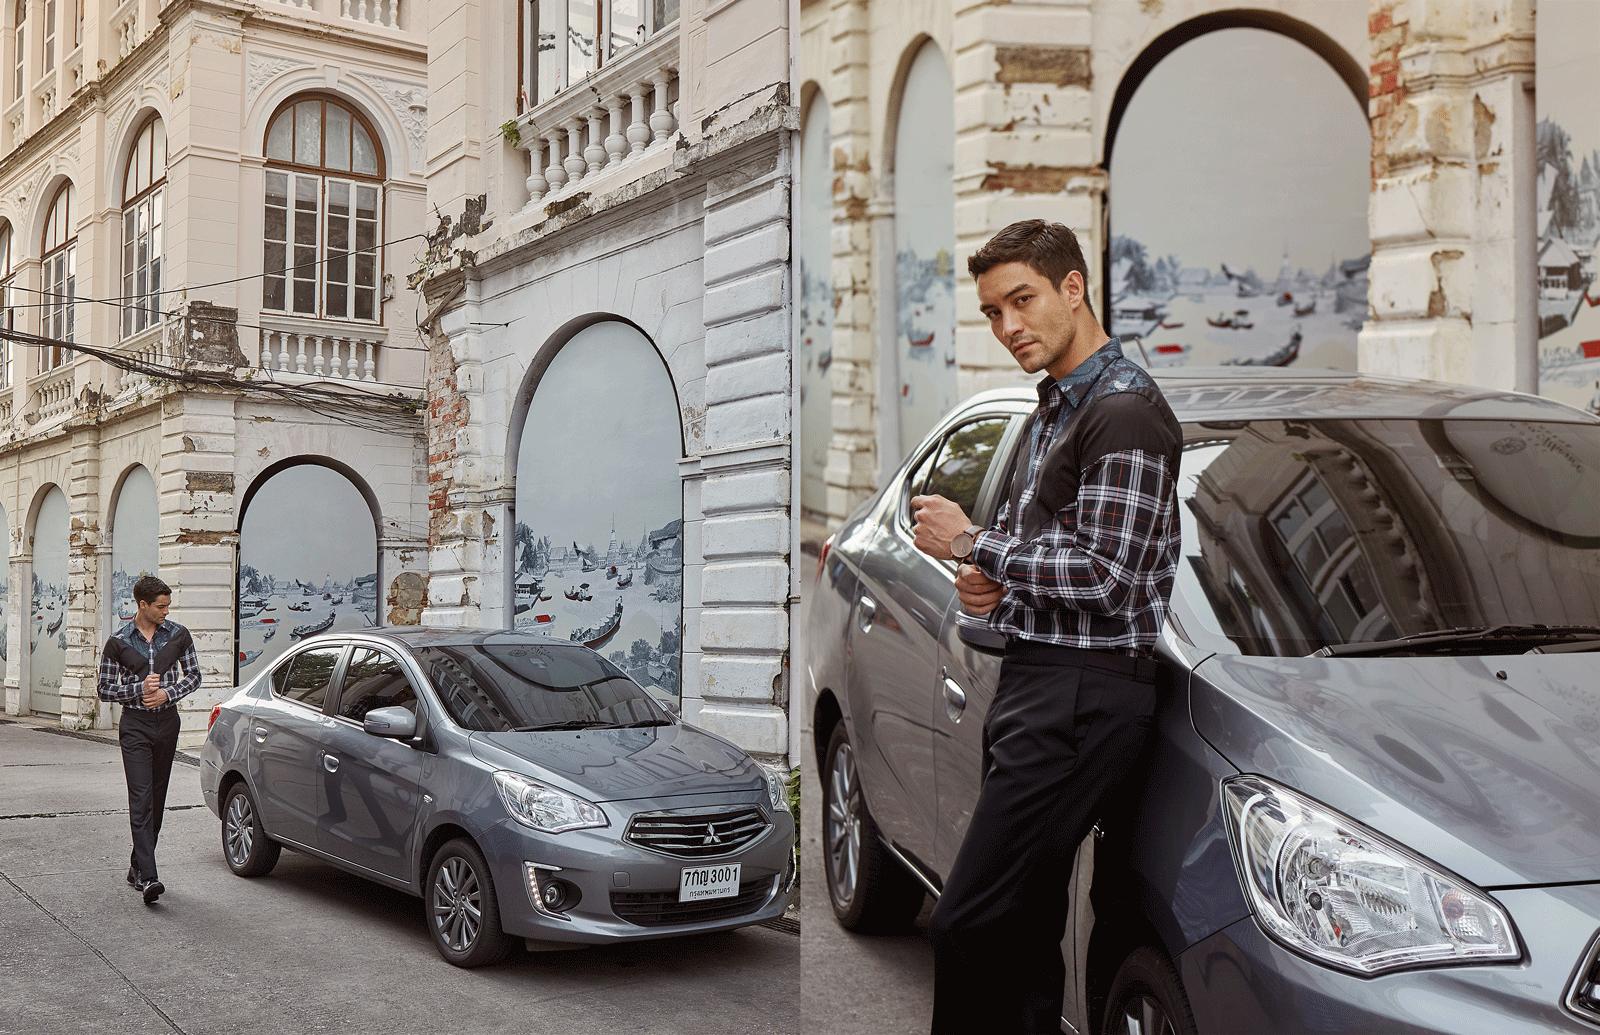 car : Mitsubishi NEW Attrage  shirt : GIVENCHY